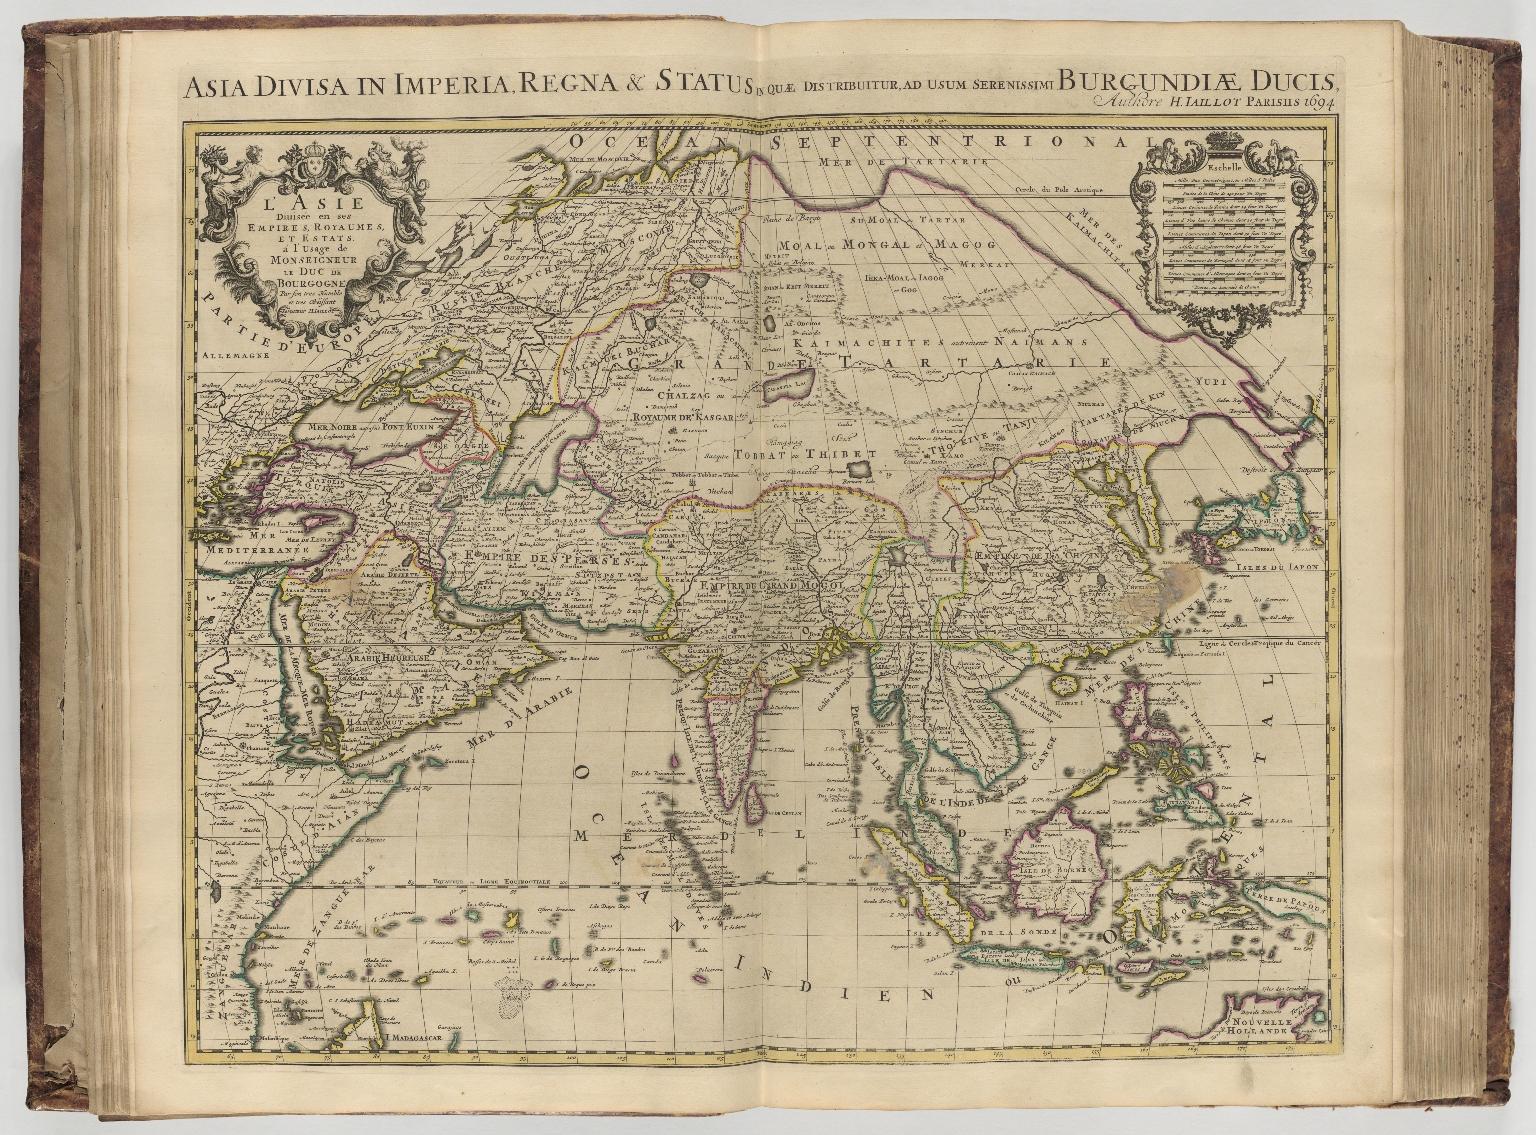 L'Asie diuisée en ses empires, royaumes, et estats : á l'usage le Monseigneur le Duc de Bourgogne = Asia divisa in imperia, regna [et] status in quæ distribuitur